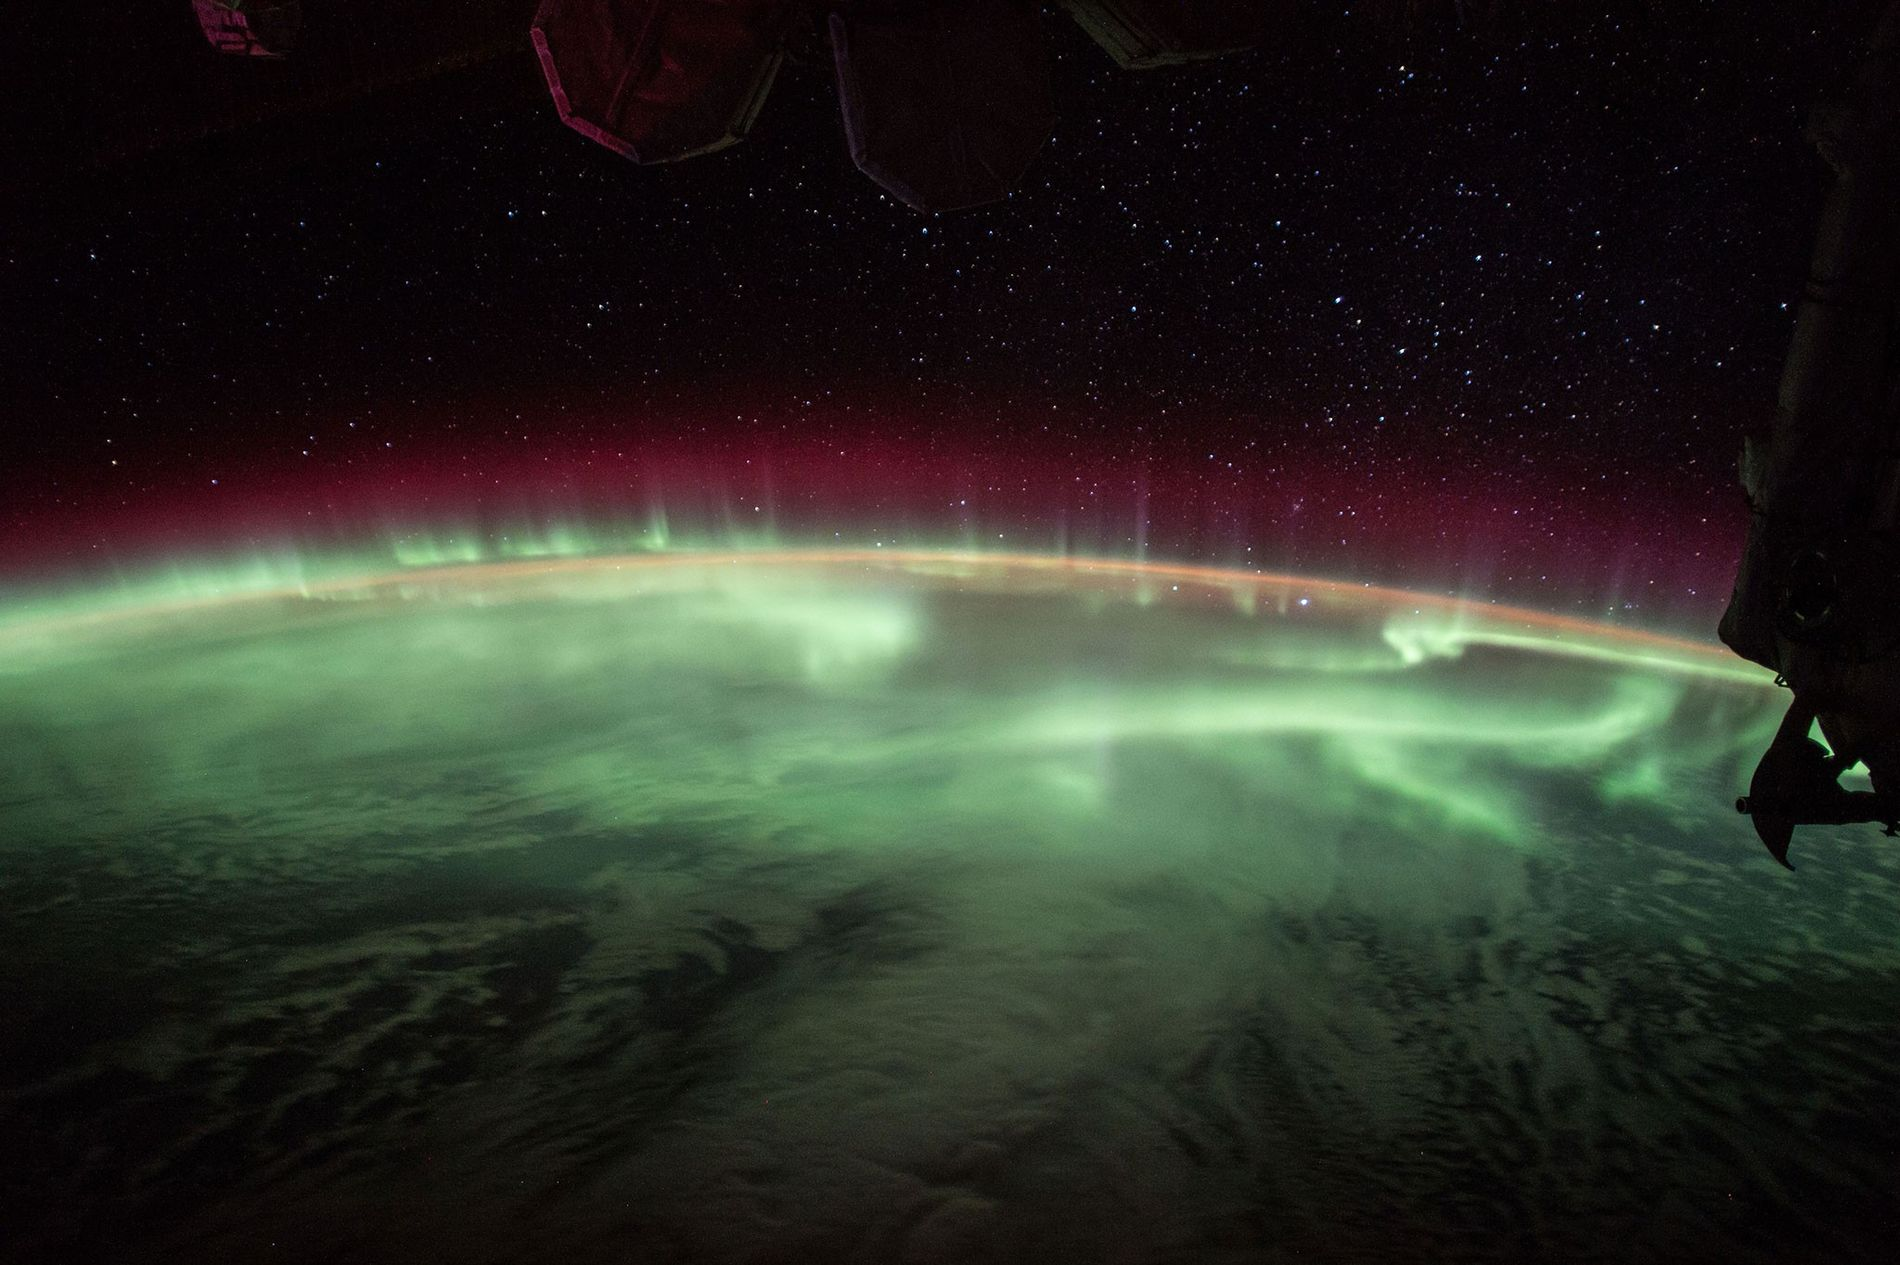 Las auroras, productos del campo magnético de la tierra, danzan sobre el planeta en una imagen capturada desde la Estación Espacial Internacional en 2017.